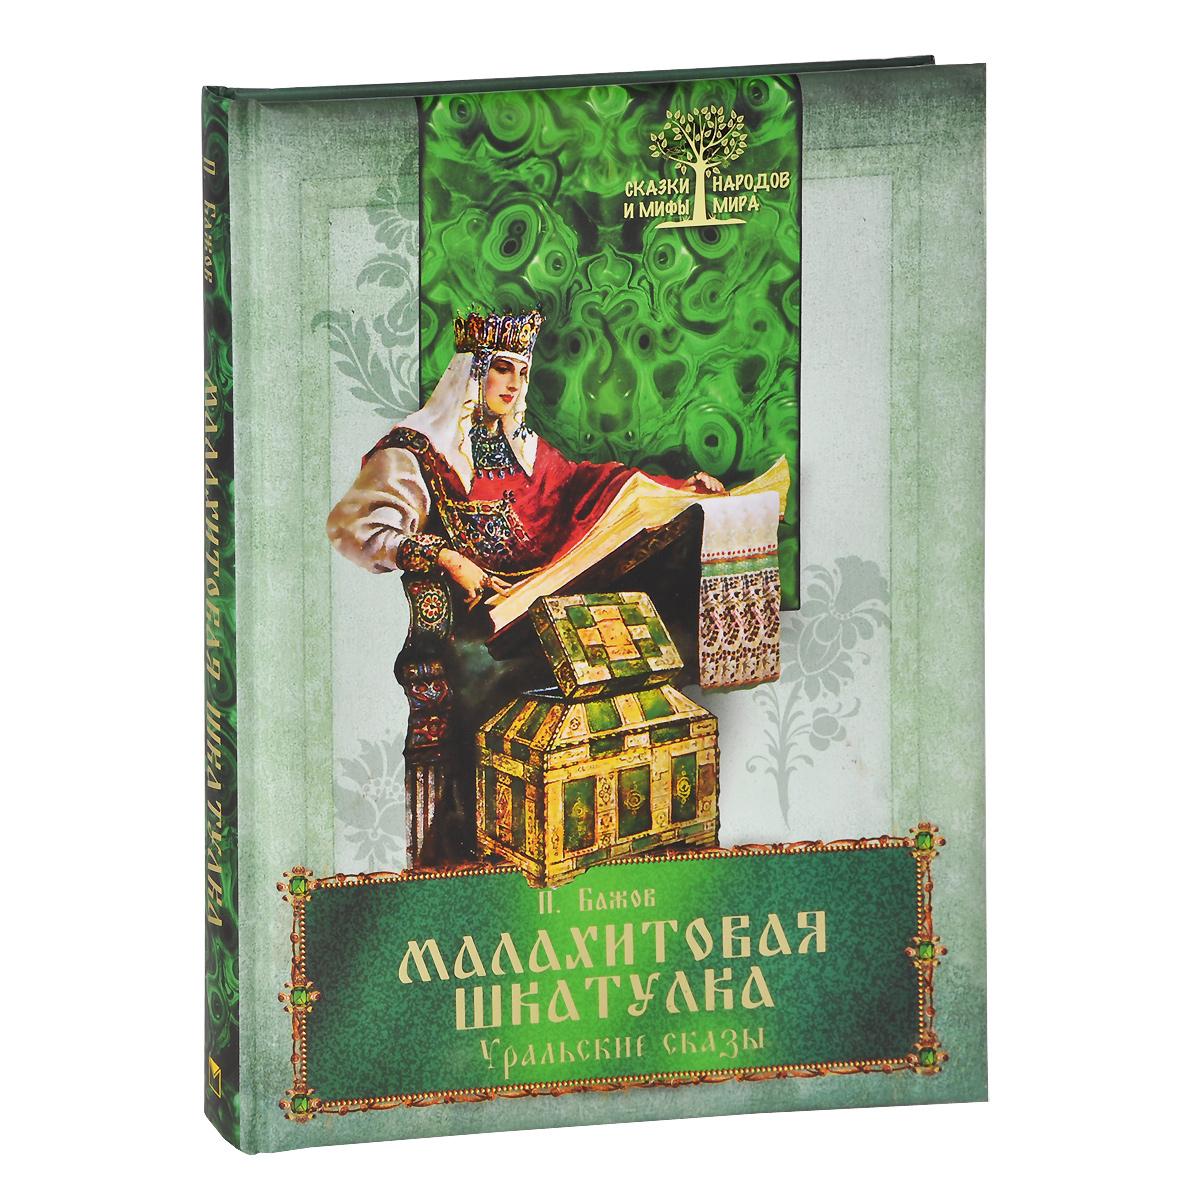 фото книги малахитовая шкатулка бажова чьим крылом будет